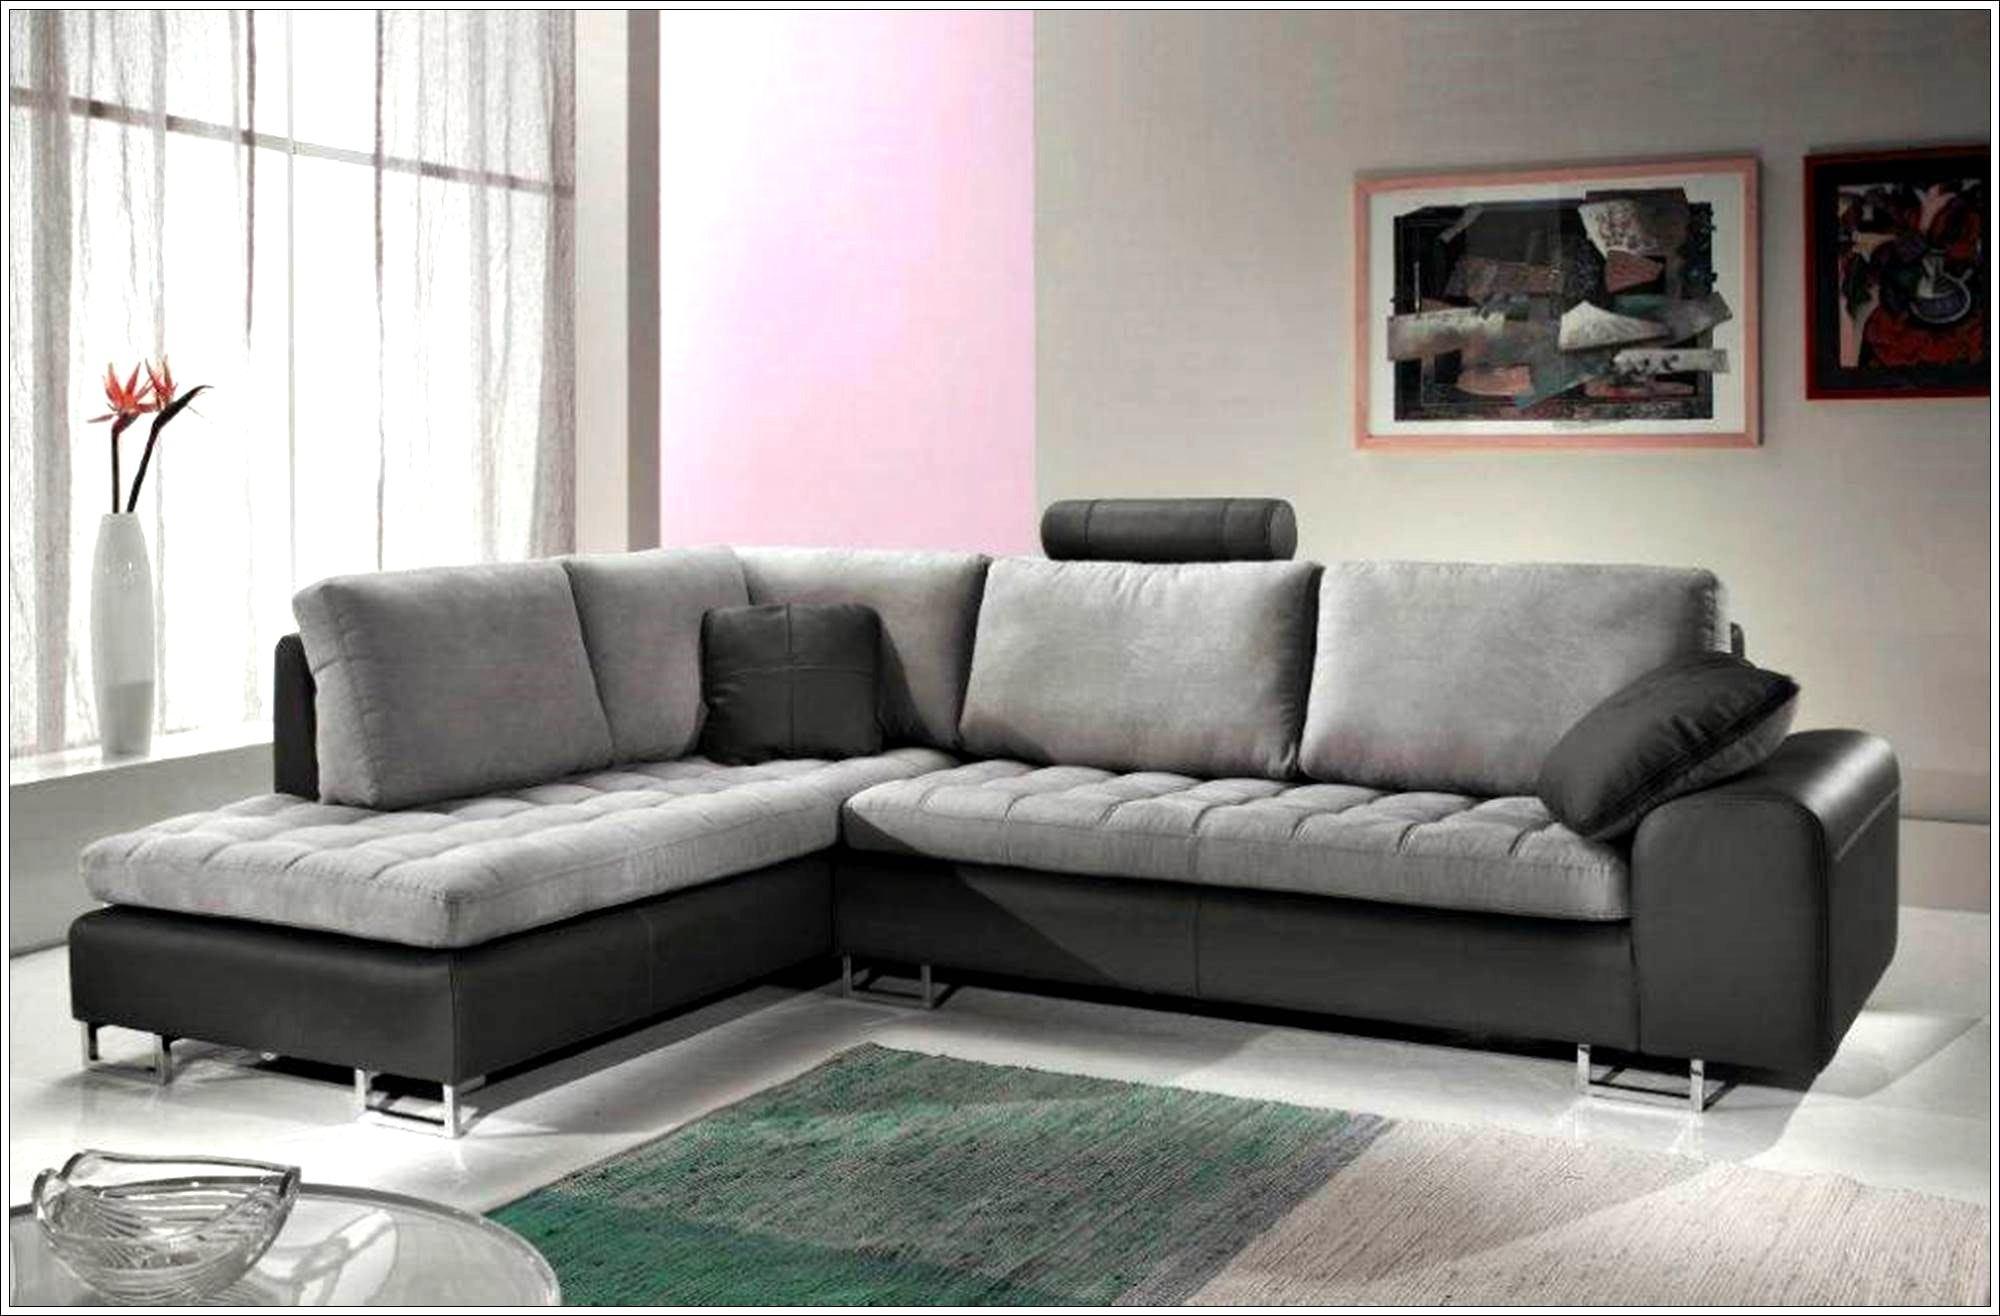 Ampm Canapé Lazare Inspirant Photos Incroyable Canapé Gris Design Décor  La Maison Et Intérieur